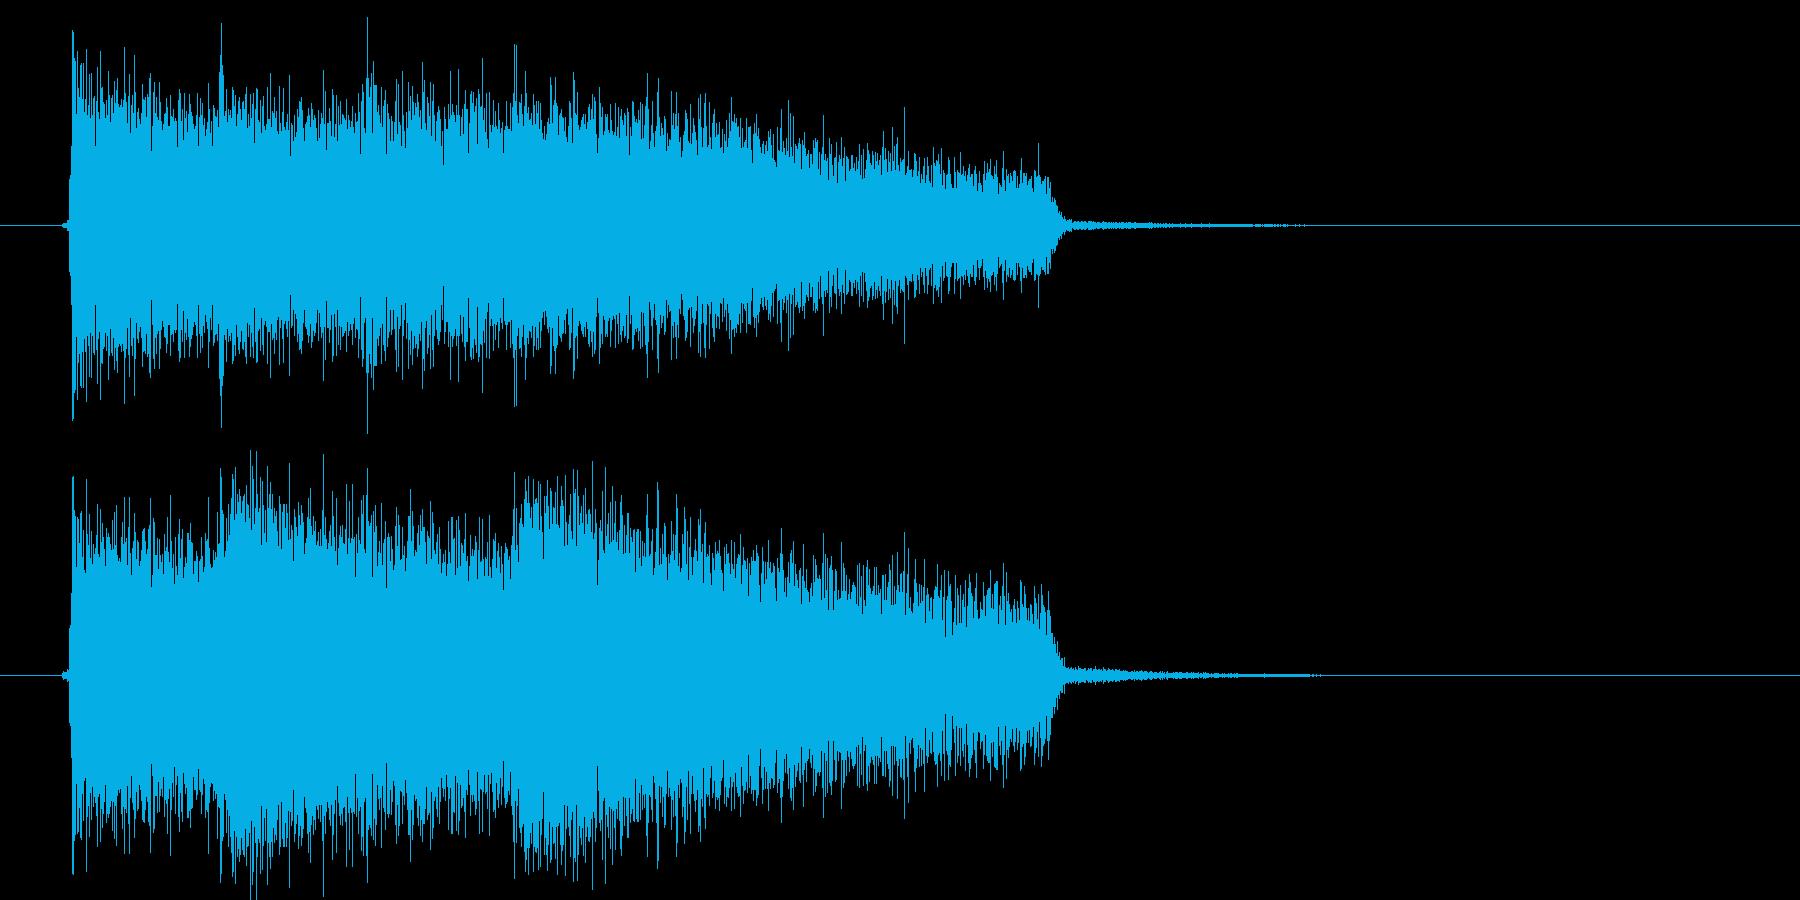 激しいロックサウンド(ゲーム、アプリ)の再生済みの波形